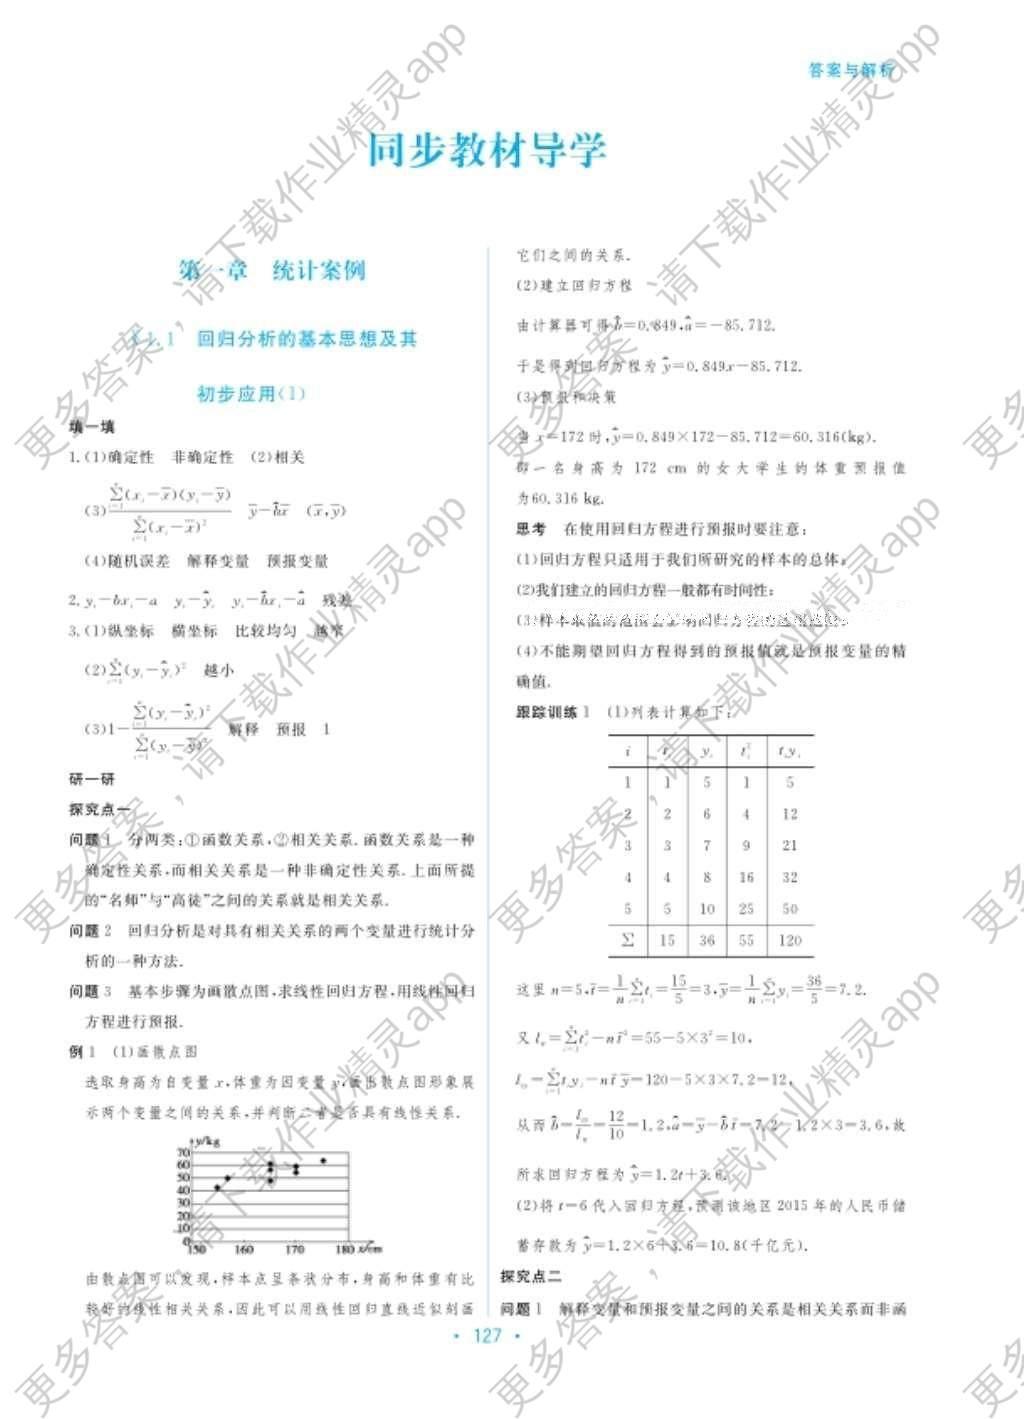 高中数学内容与学法建议 ——郑州十一中2024届高一数学学前指导  高中数学课程的其他建议